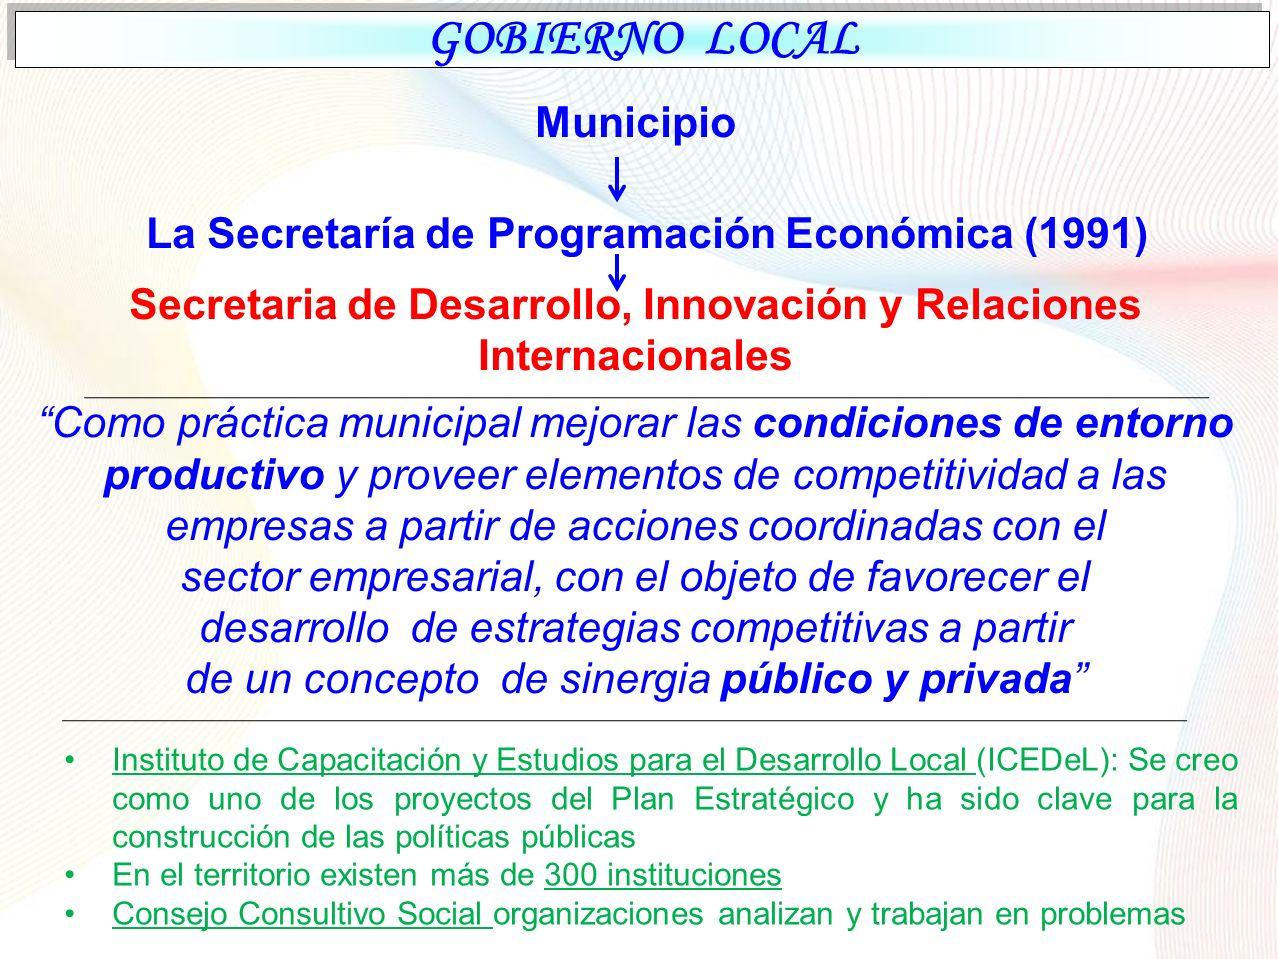 Secretaria de Desarrollo, Innovación y Relaciones Internacionales